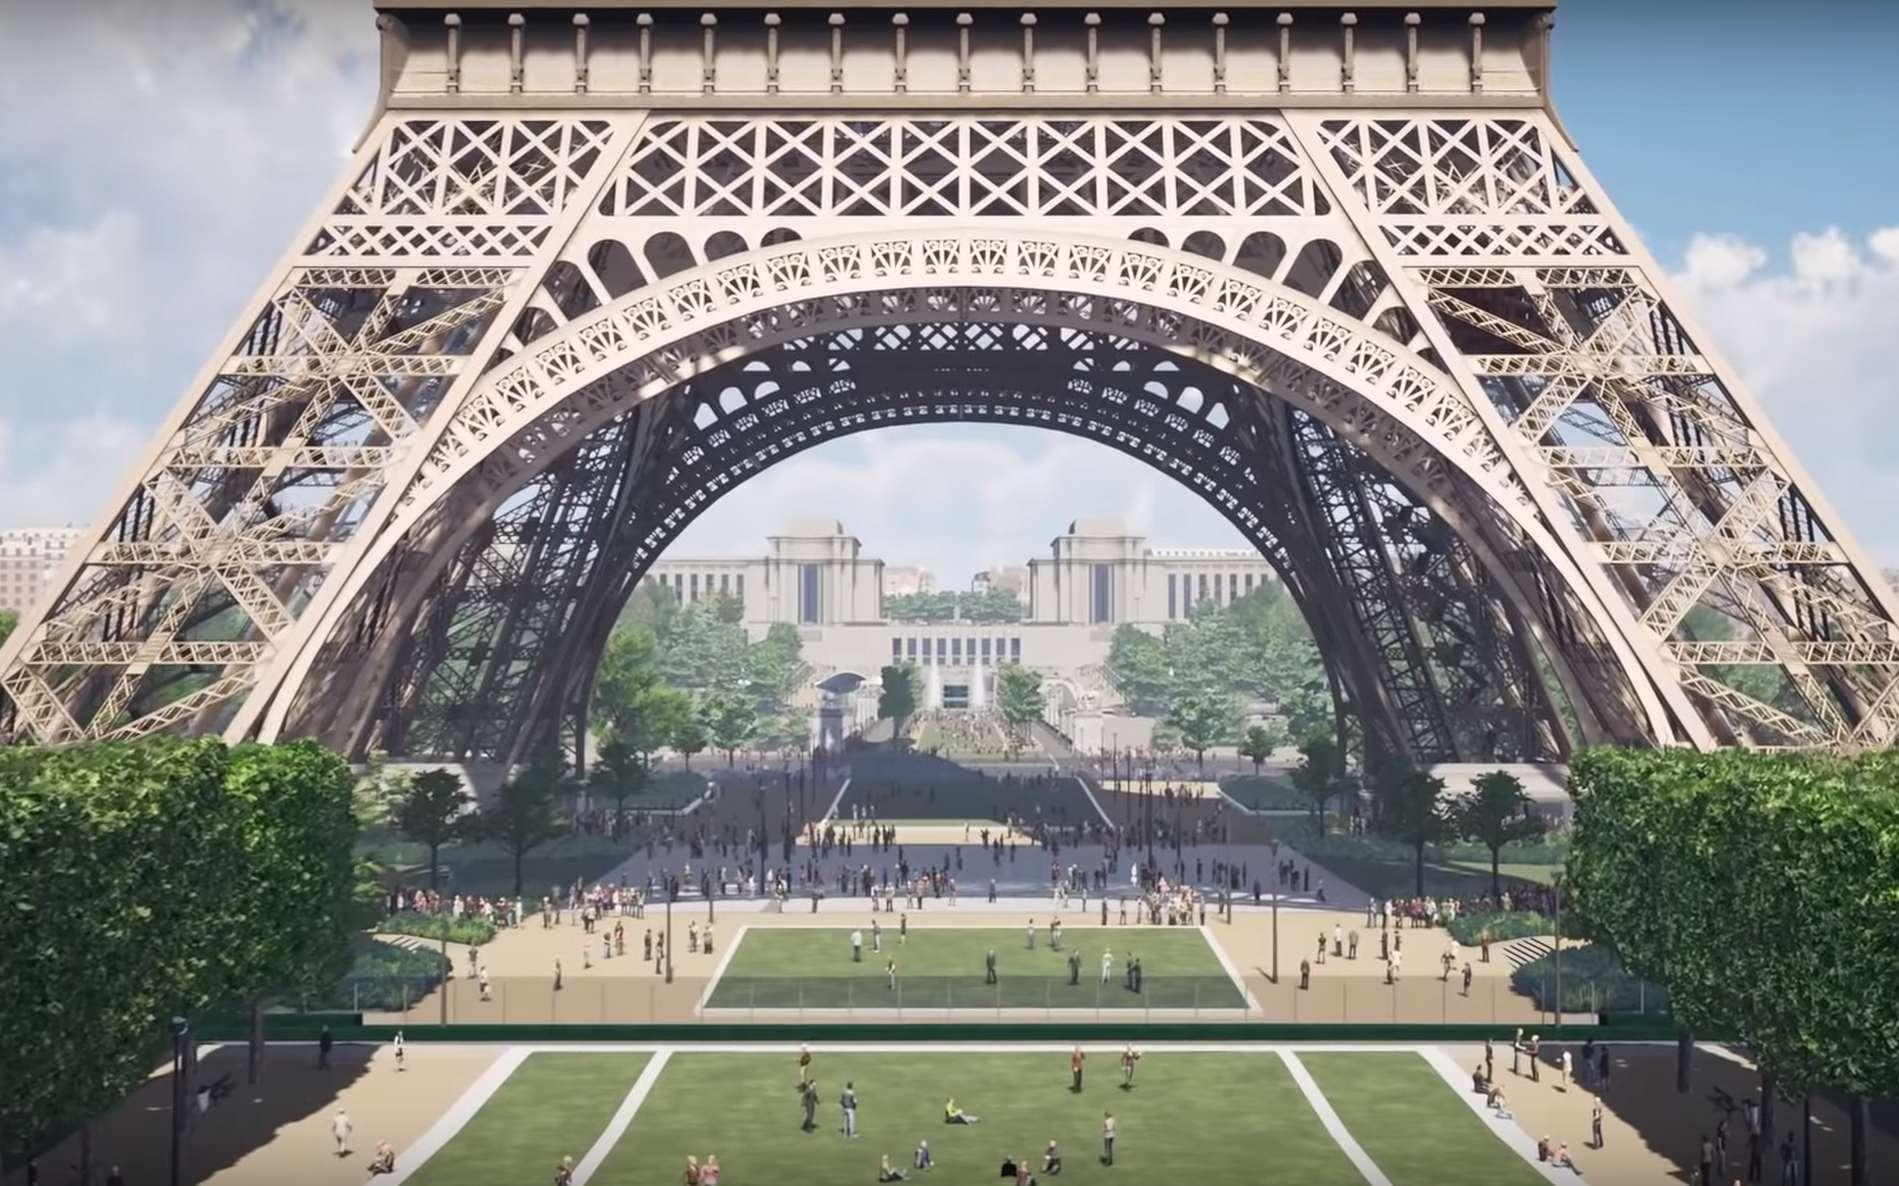 Un vaste projet de réaménagement transformera le passage du Trocadéro à la Tour Eiffel en parc d'ici 2024. © Autodesk, Design Team, Ville de Paris, WSP